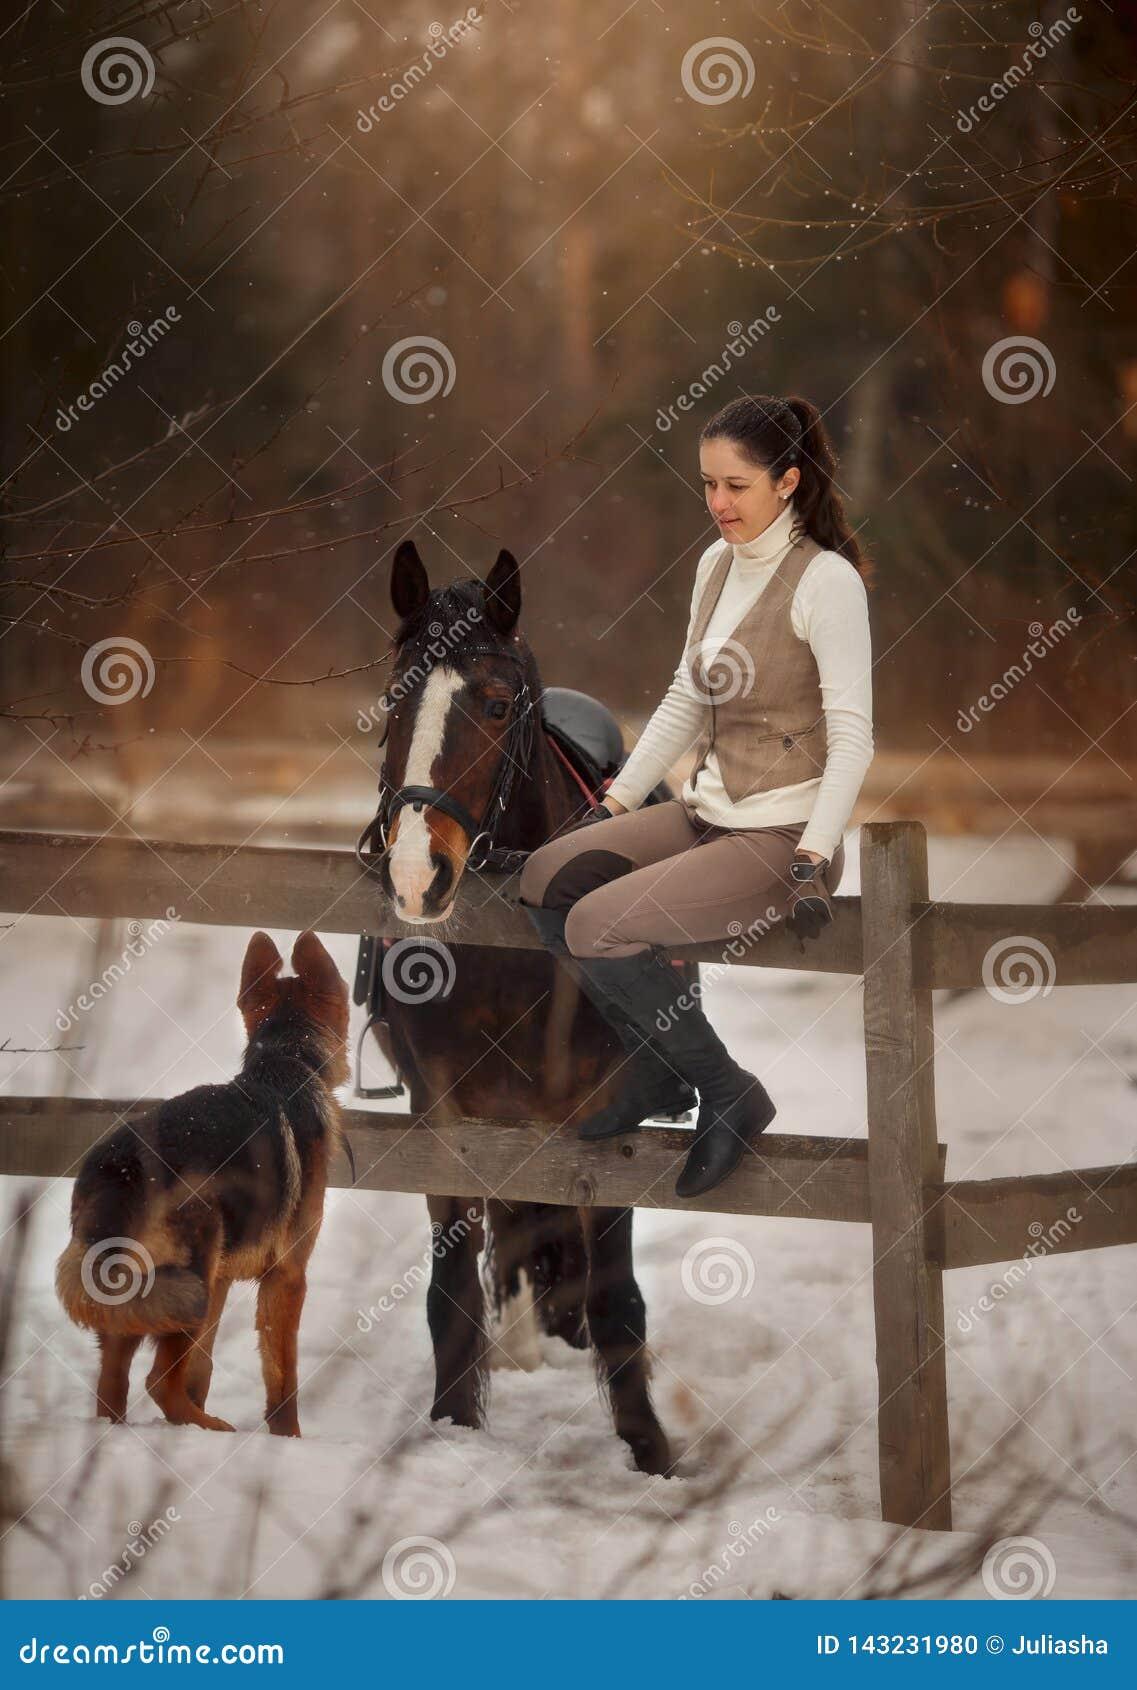 Jonge mooie vrouw met paard en het Duitse openluchtportret van de herdershond